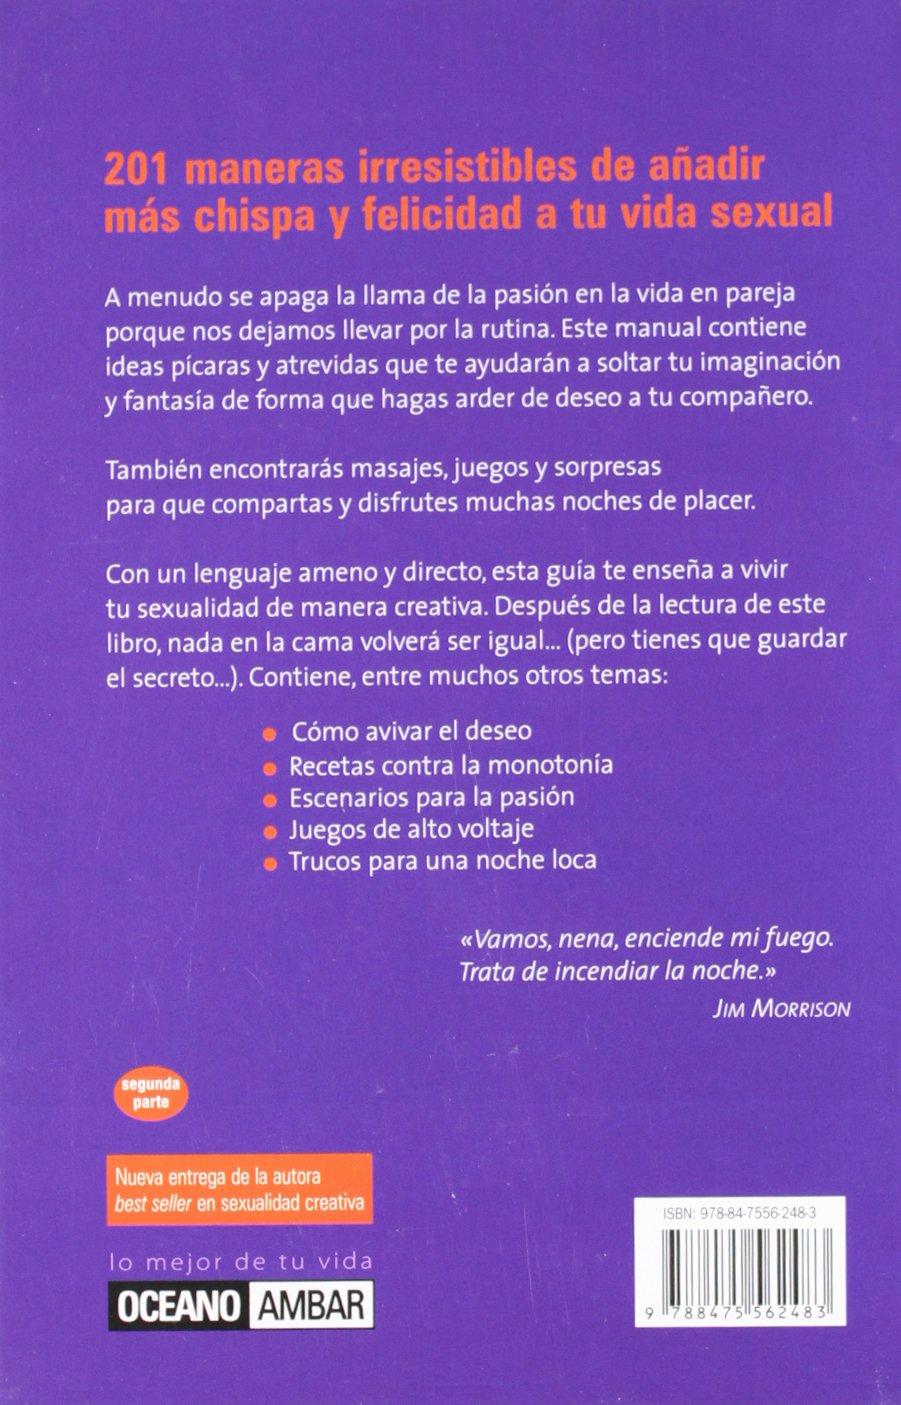 201 ideas para volver loco a tu hombre en la cama (Muy Personal) (Spanish Edition): Tina Robbins: 9788475562483: Amazon.com: Books